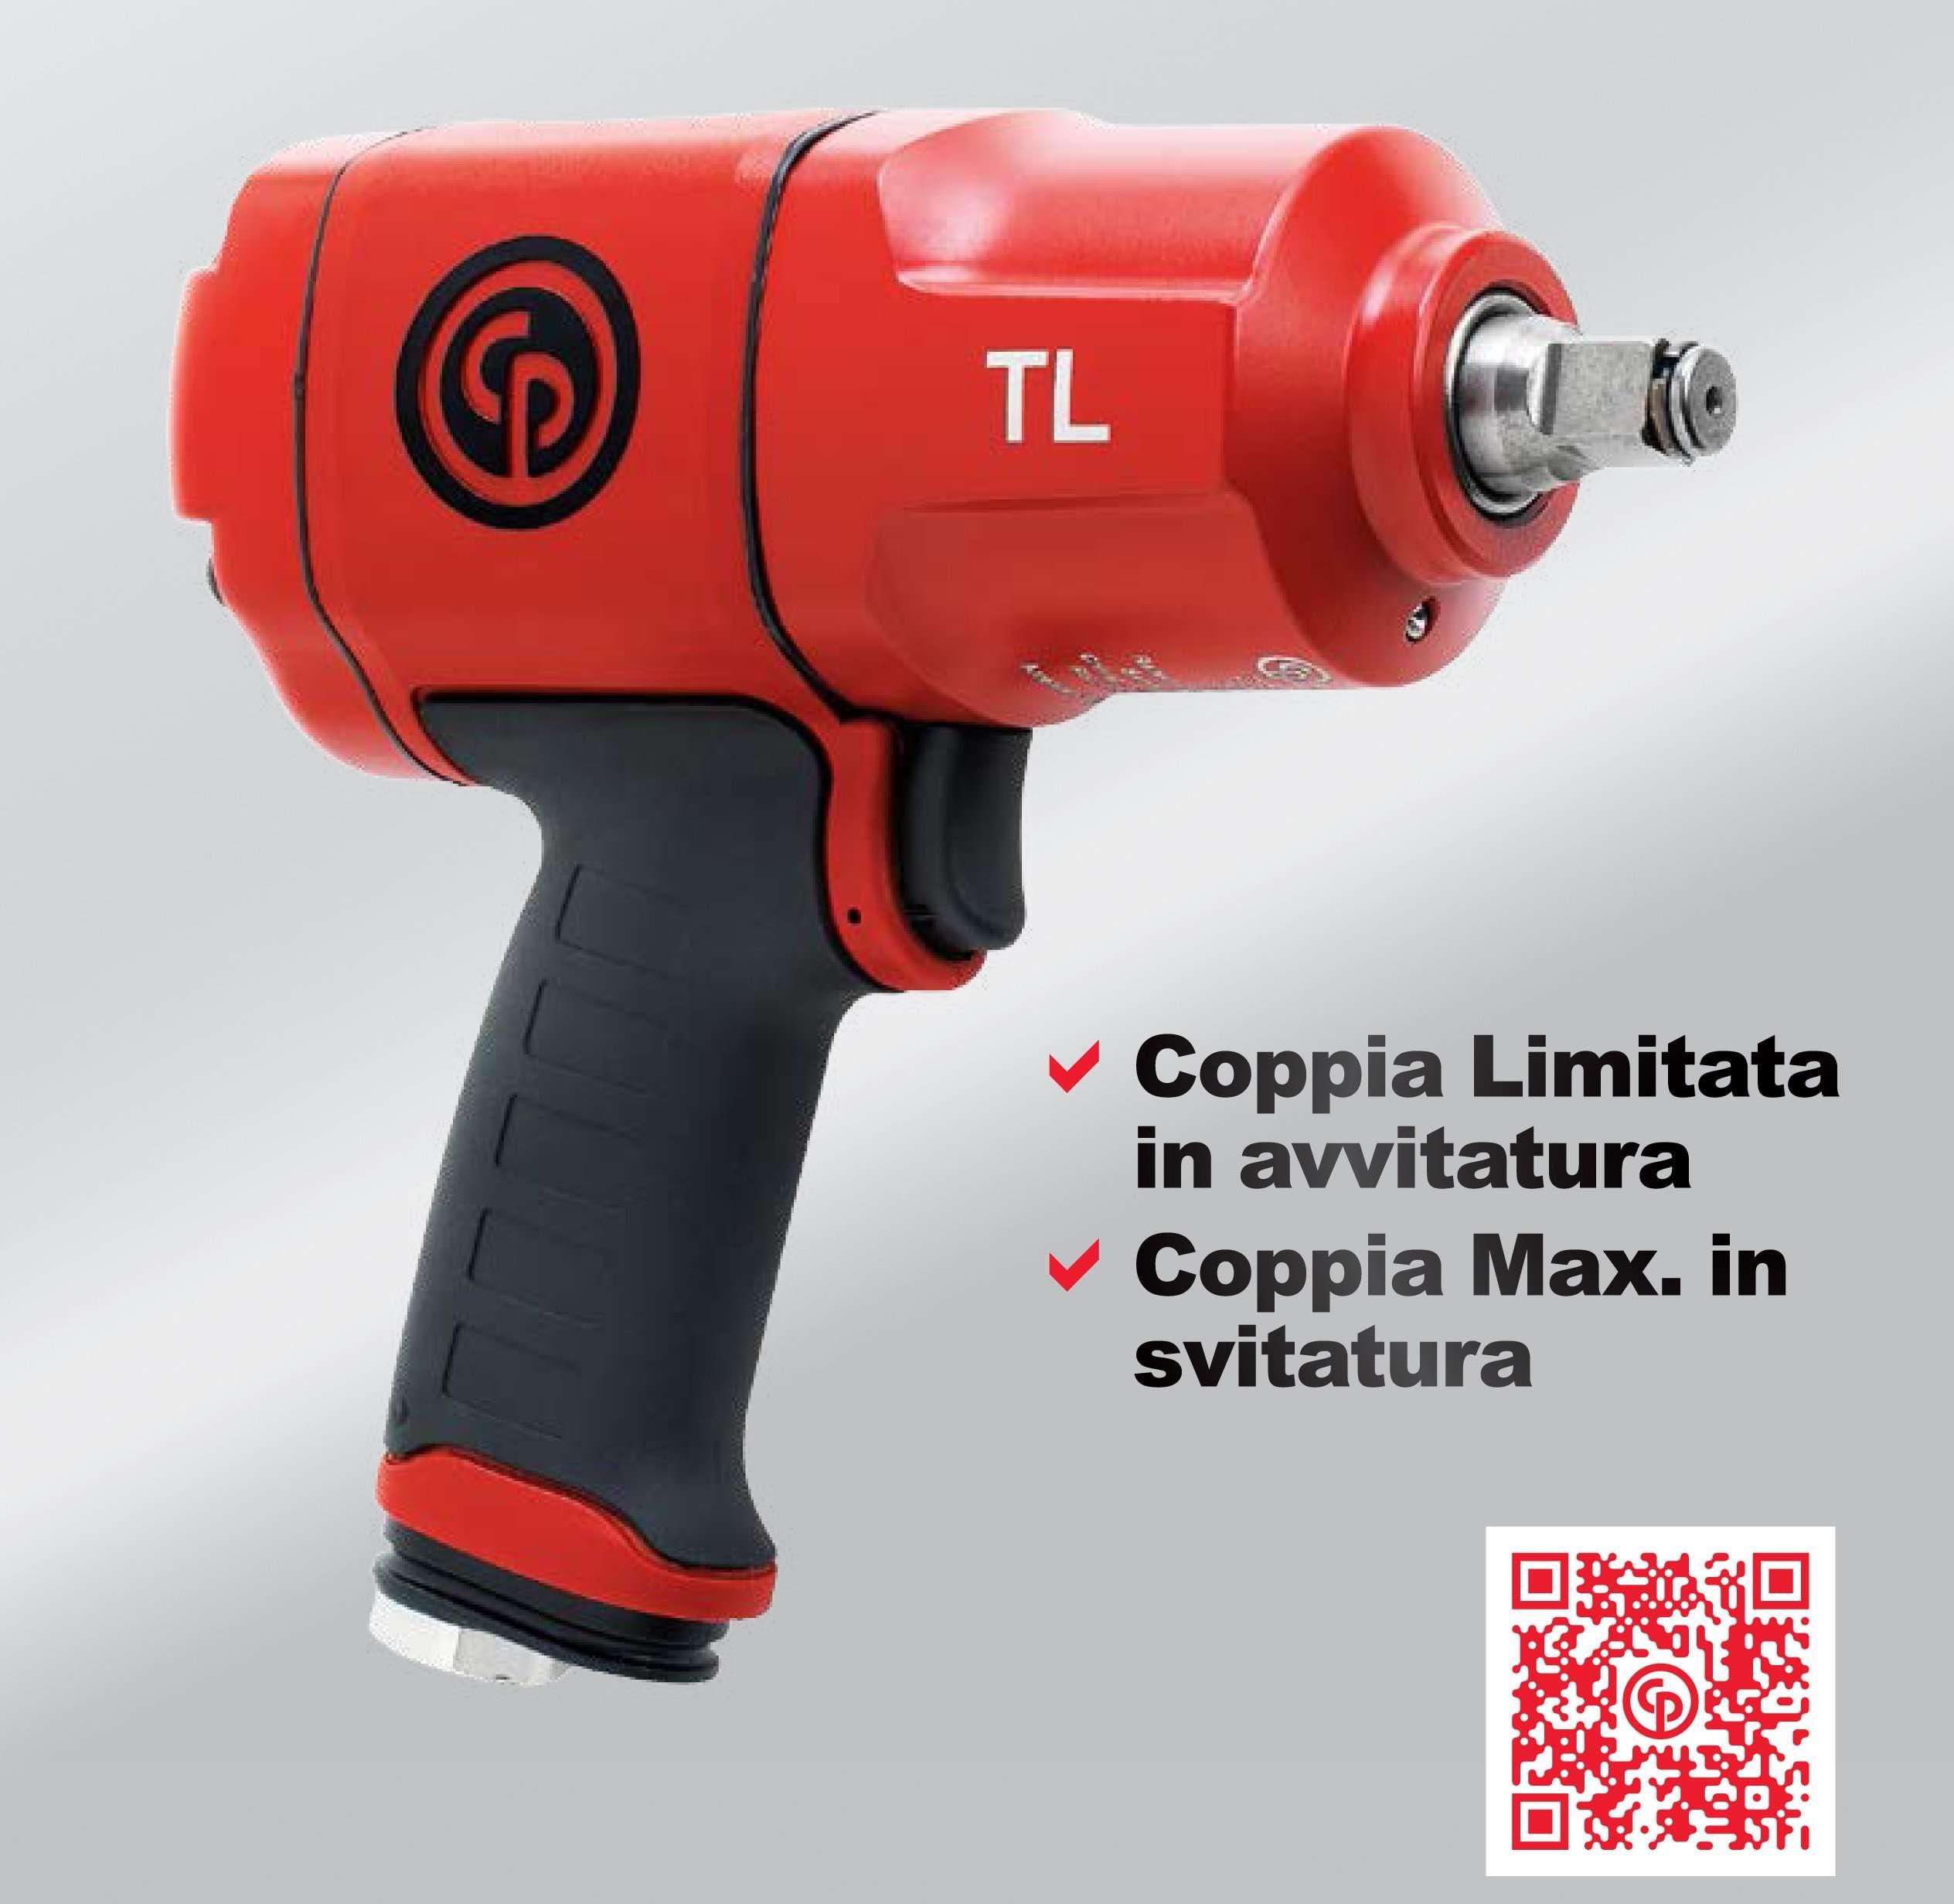 CP7748TL-1